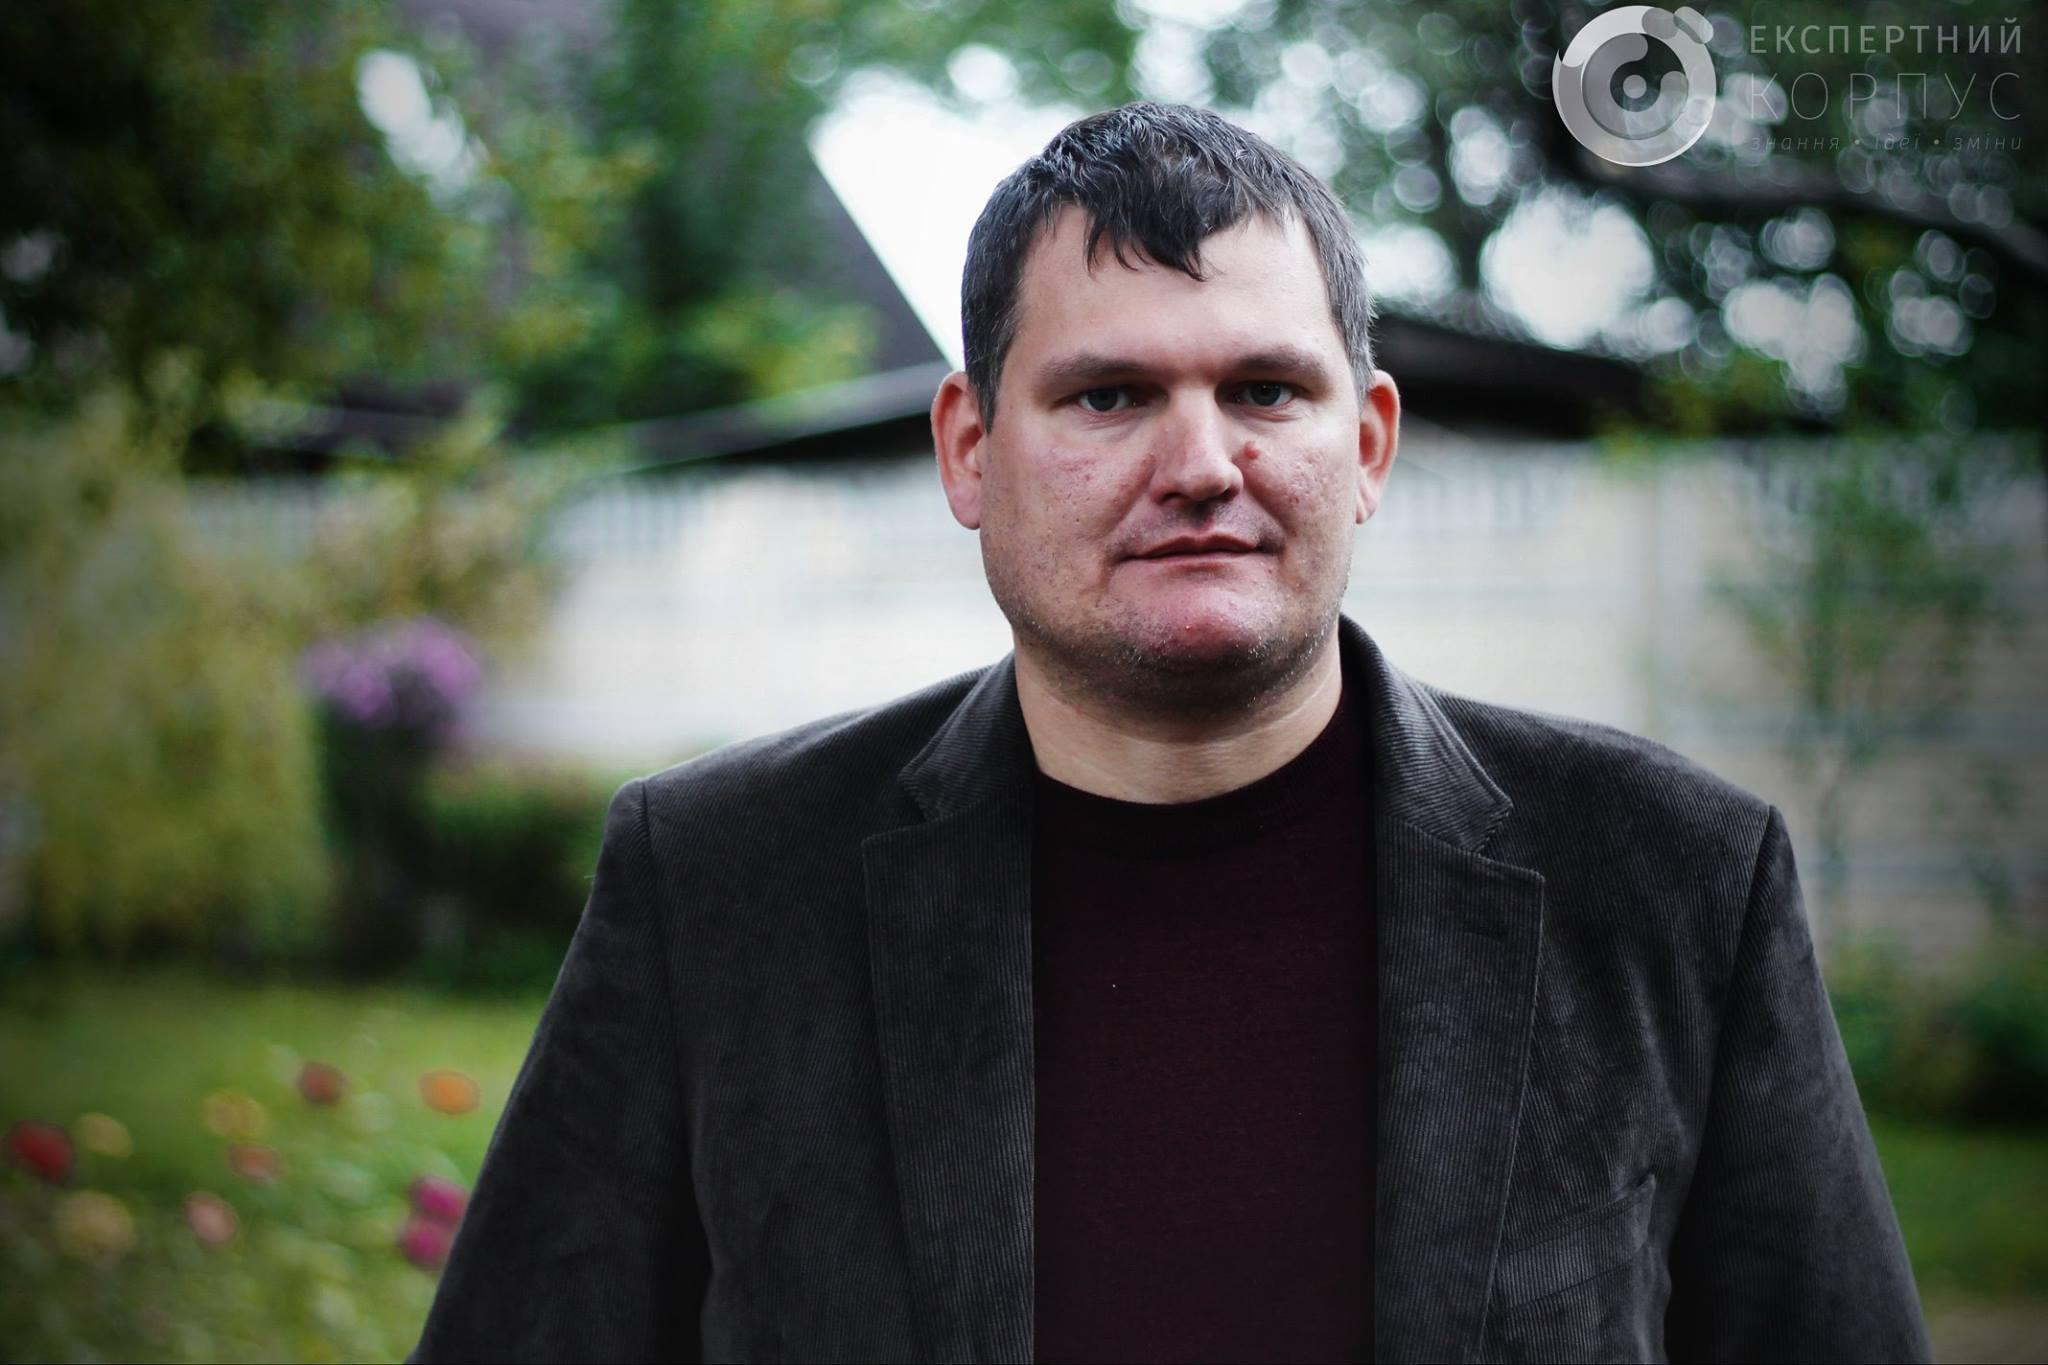 Український військовий історик Василь Павлов